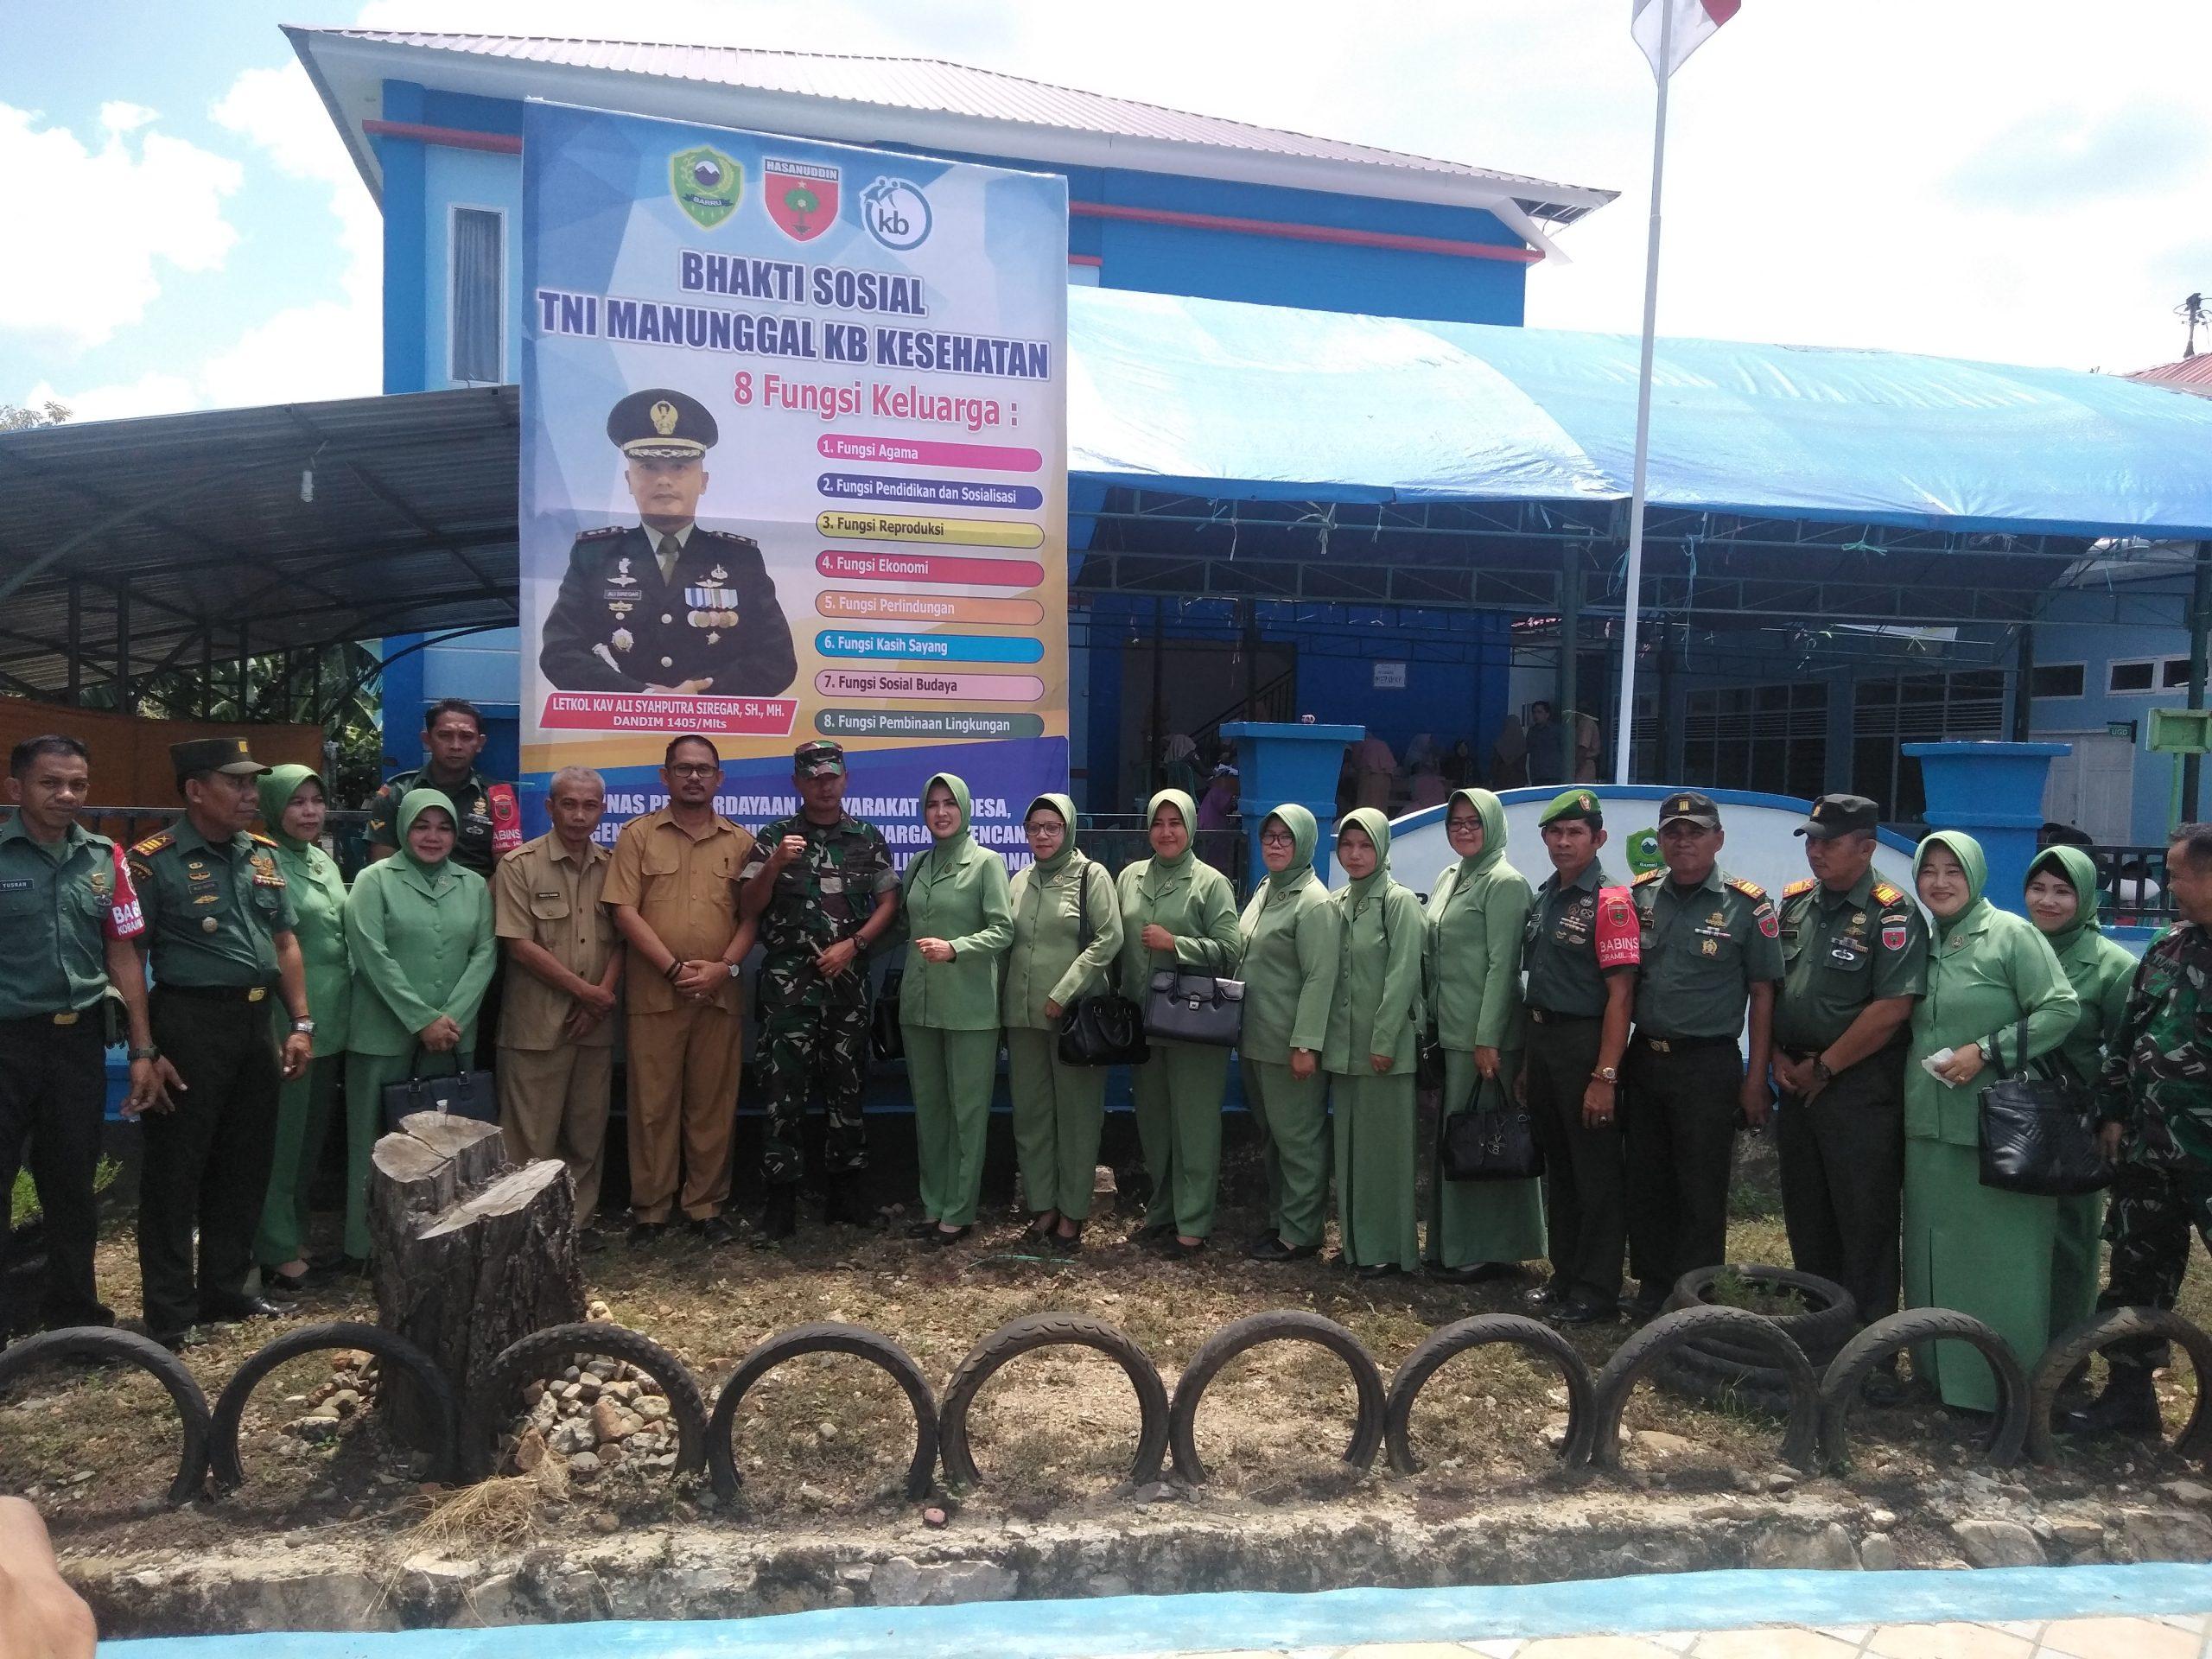 TNI Gelar Bakti Sosial Manunggal KB dan Kesehatan di Puskemas Ralla